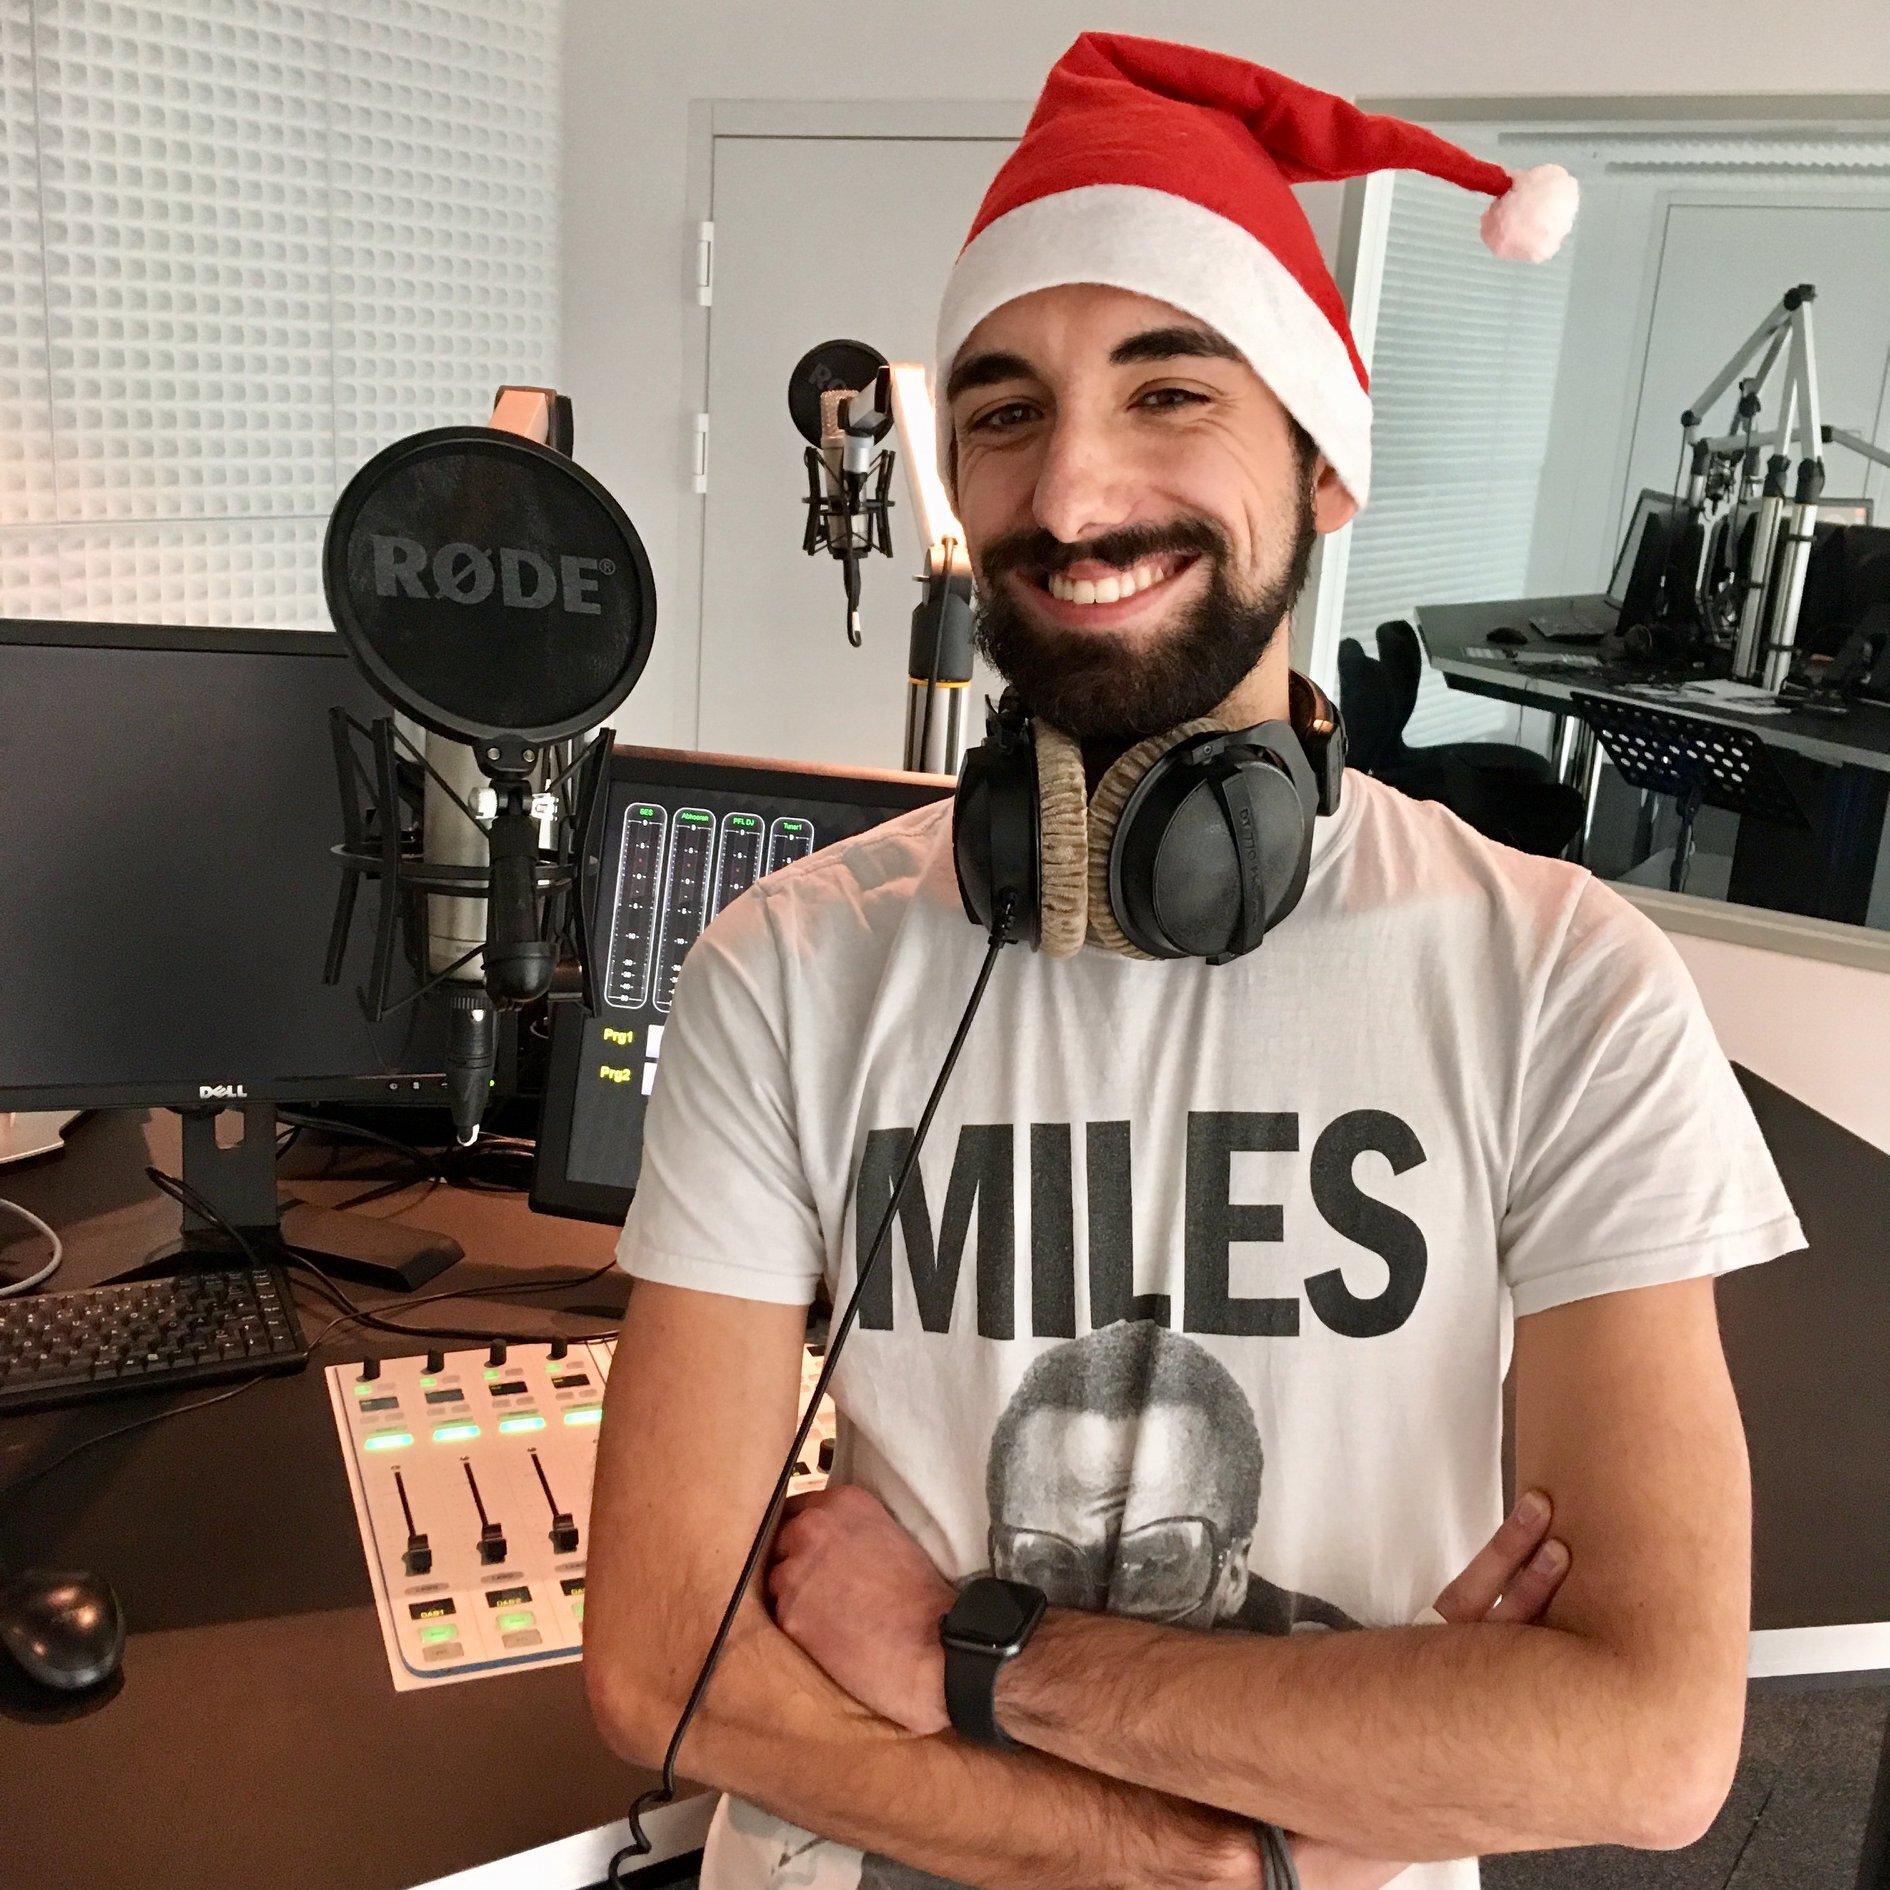 Josh mit Weihnachtsmütze